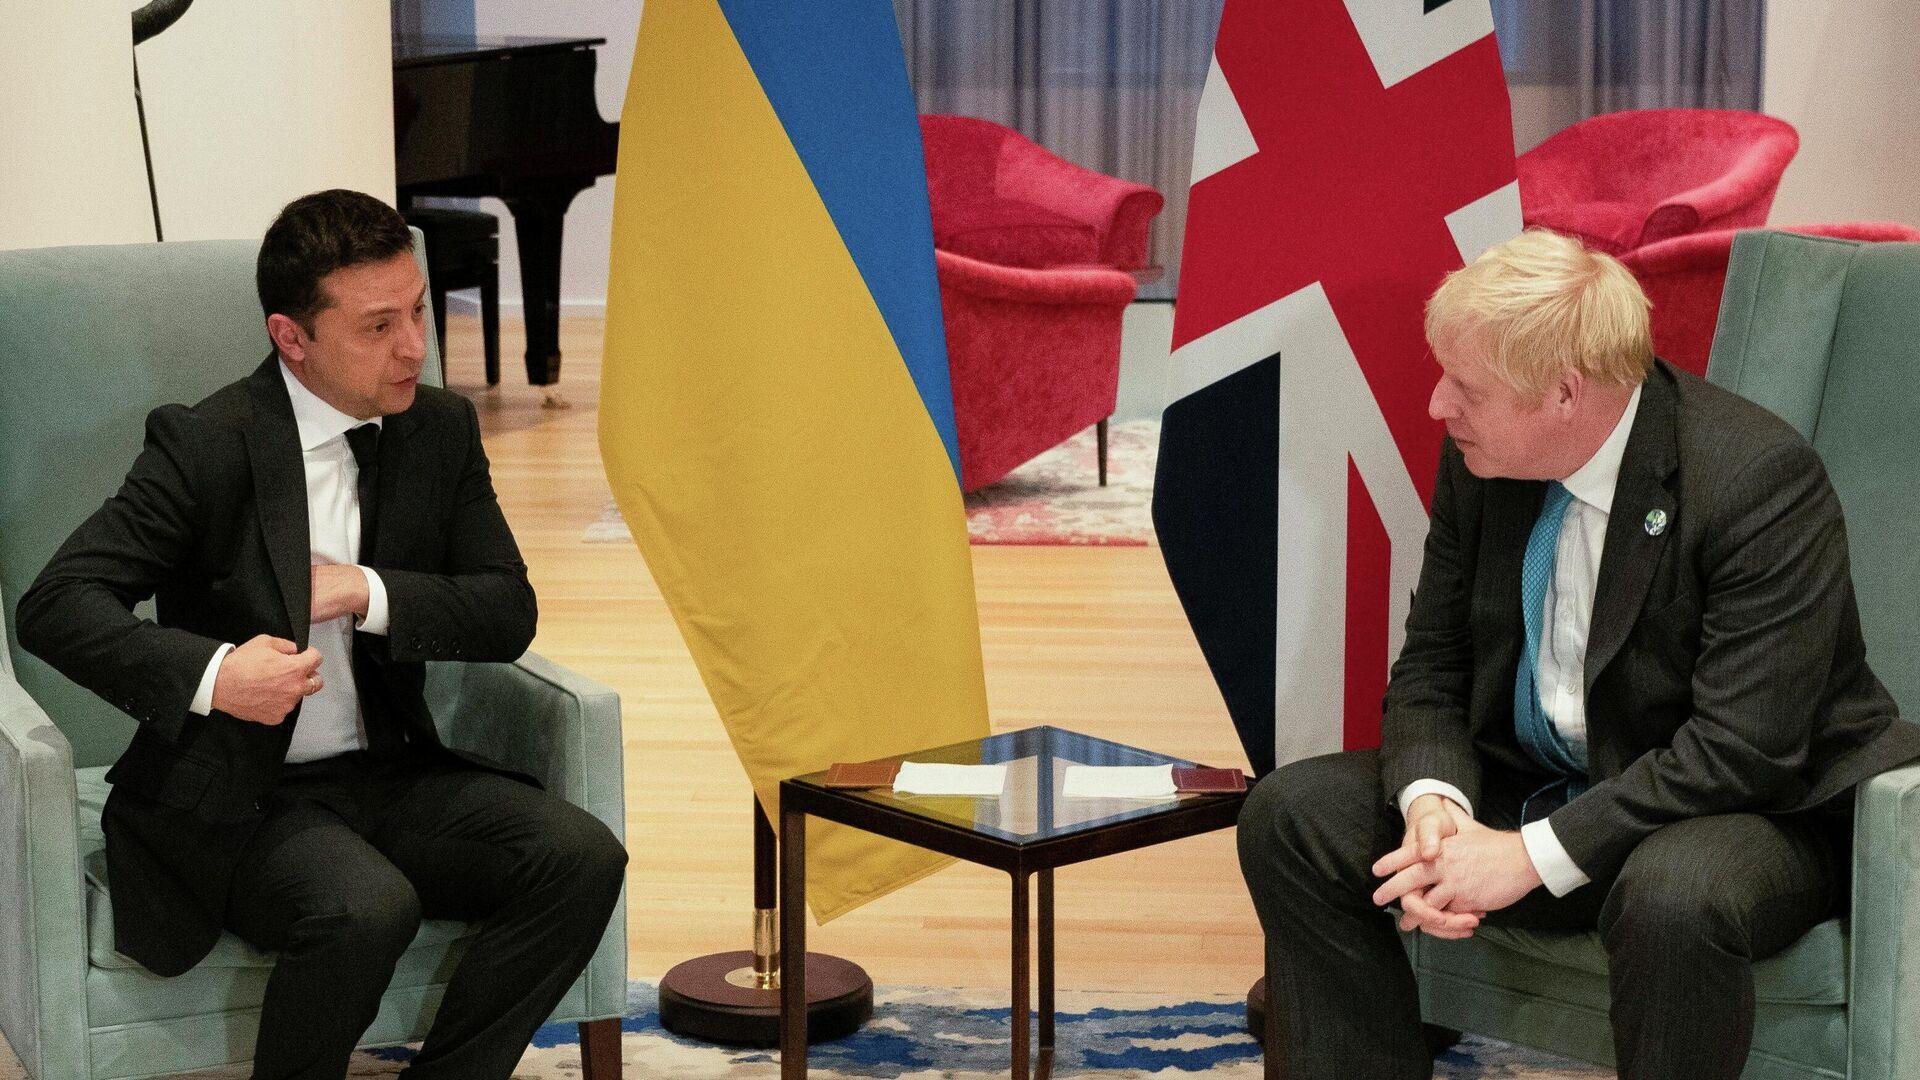 Президент Украины Владимир Зеленский на встрече с премьер-министром Великобритании Борисом Джонсоном в Нью-Йорке - РИА Новости, 1920, 23.09.2021